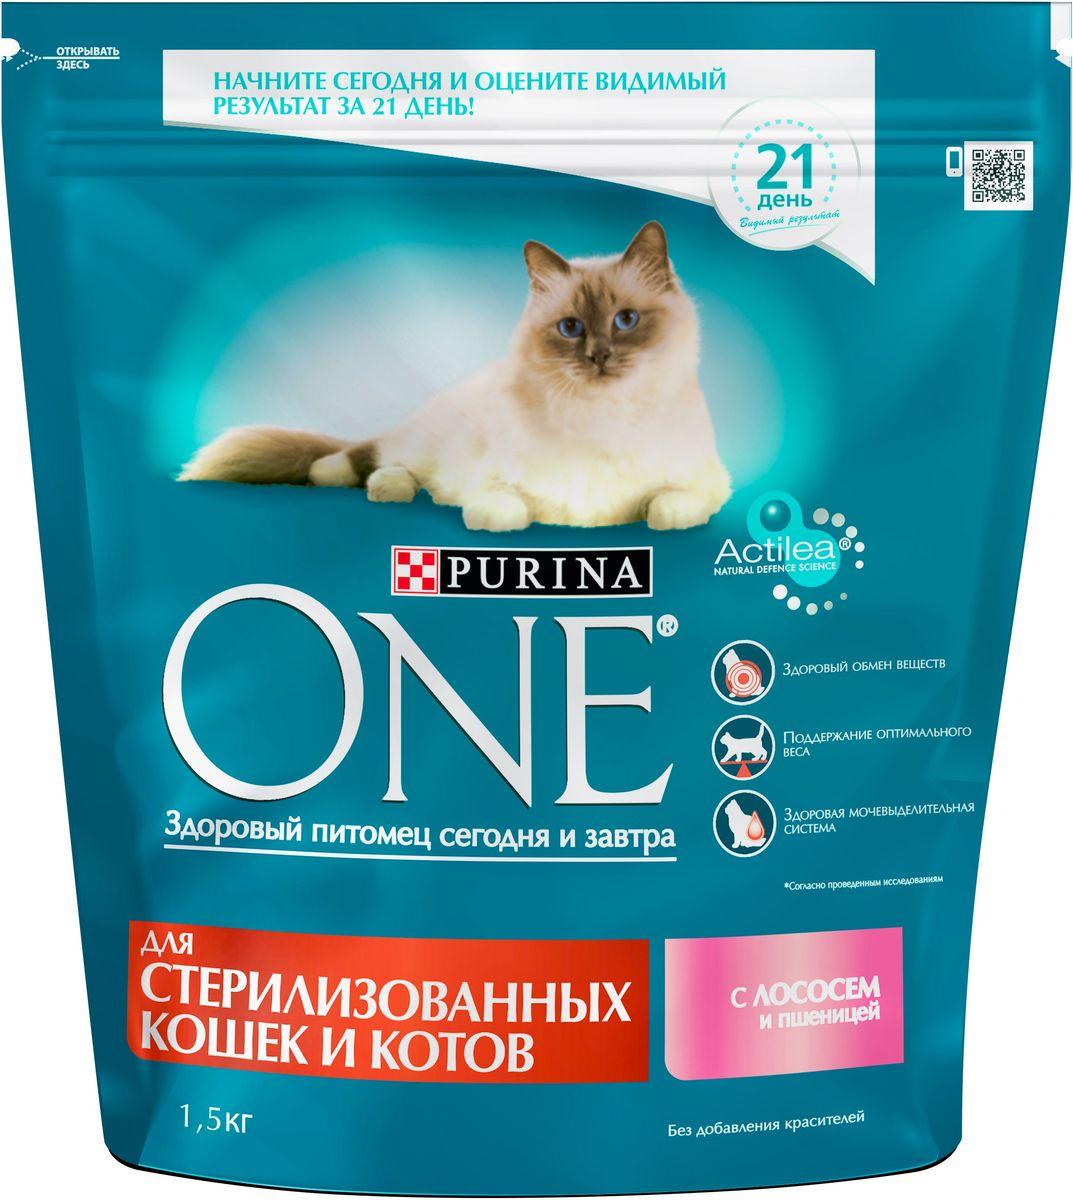 Корм сухой Purina One Sterilized для стерилизованных кошек и котов, с лососем и пшеницей, 1,5 кг12171996Состав корма Purina ONE® был специально подобран ветеринарами таким образом, чтобы поддерживать здоровый обмен веществ у кошек и котов, прошедших процедуру стерилизации или кастрации. Дело в том, что им требуется меньше калорий для поддержания нормальной жизнедеятельности и активности, чем собратьям с сохраненной половой функцией. И сухой корм для стерилизованных кошек и кастрированных котов Purina ONE® с лососем и пшеницей обеспечивает питомцам необходимый уровень насыщения за счет более высокого (на 15% больше) содержания белка по отношению к жиру, чем в других кормах линейки. Благодаря этому удается избежать набора лишнего веса и риска ожирения у питомцев.МЕ/кг: витамин А: 36 960; витамин D3:1 120; витамин E: 770. Мг/кг: витамин С: 160, таурин: 780; железо: 253; йод: 3,2; медь: 50; марганец: 105; цинк: 428, селен: 0,29. Белок 37,0%, жир 13,0%, сырая зола 7,5%, сырая клетчатка 4,0%.